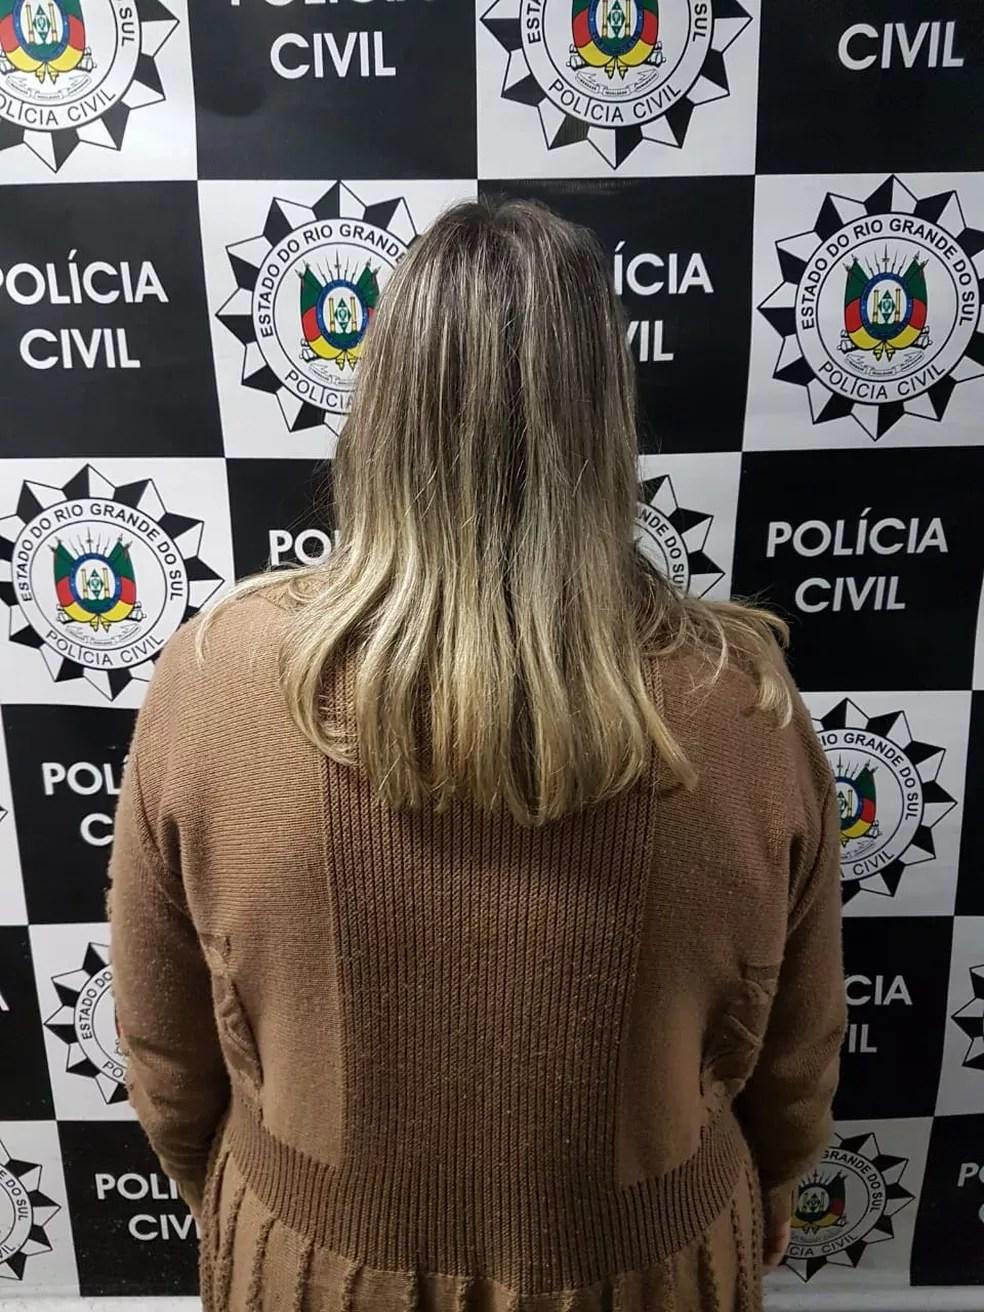 Mulher presa é mãe de homem investigado por ser mentor do roubo (Foto: Polícia Civil/Divulgação)